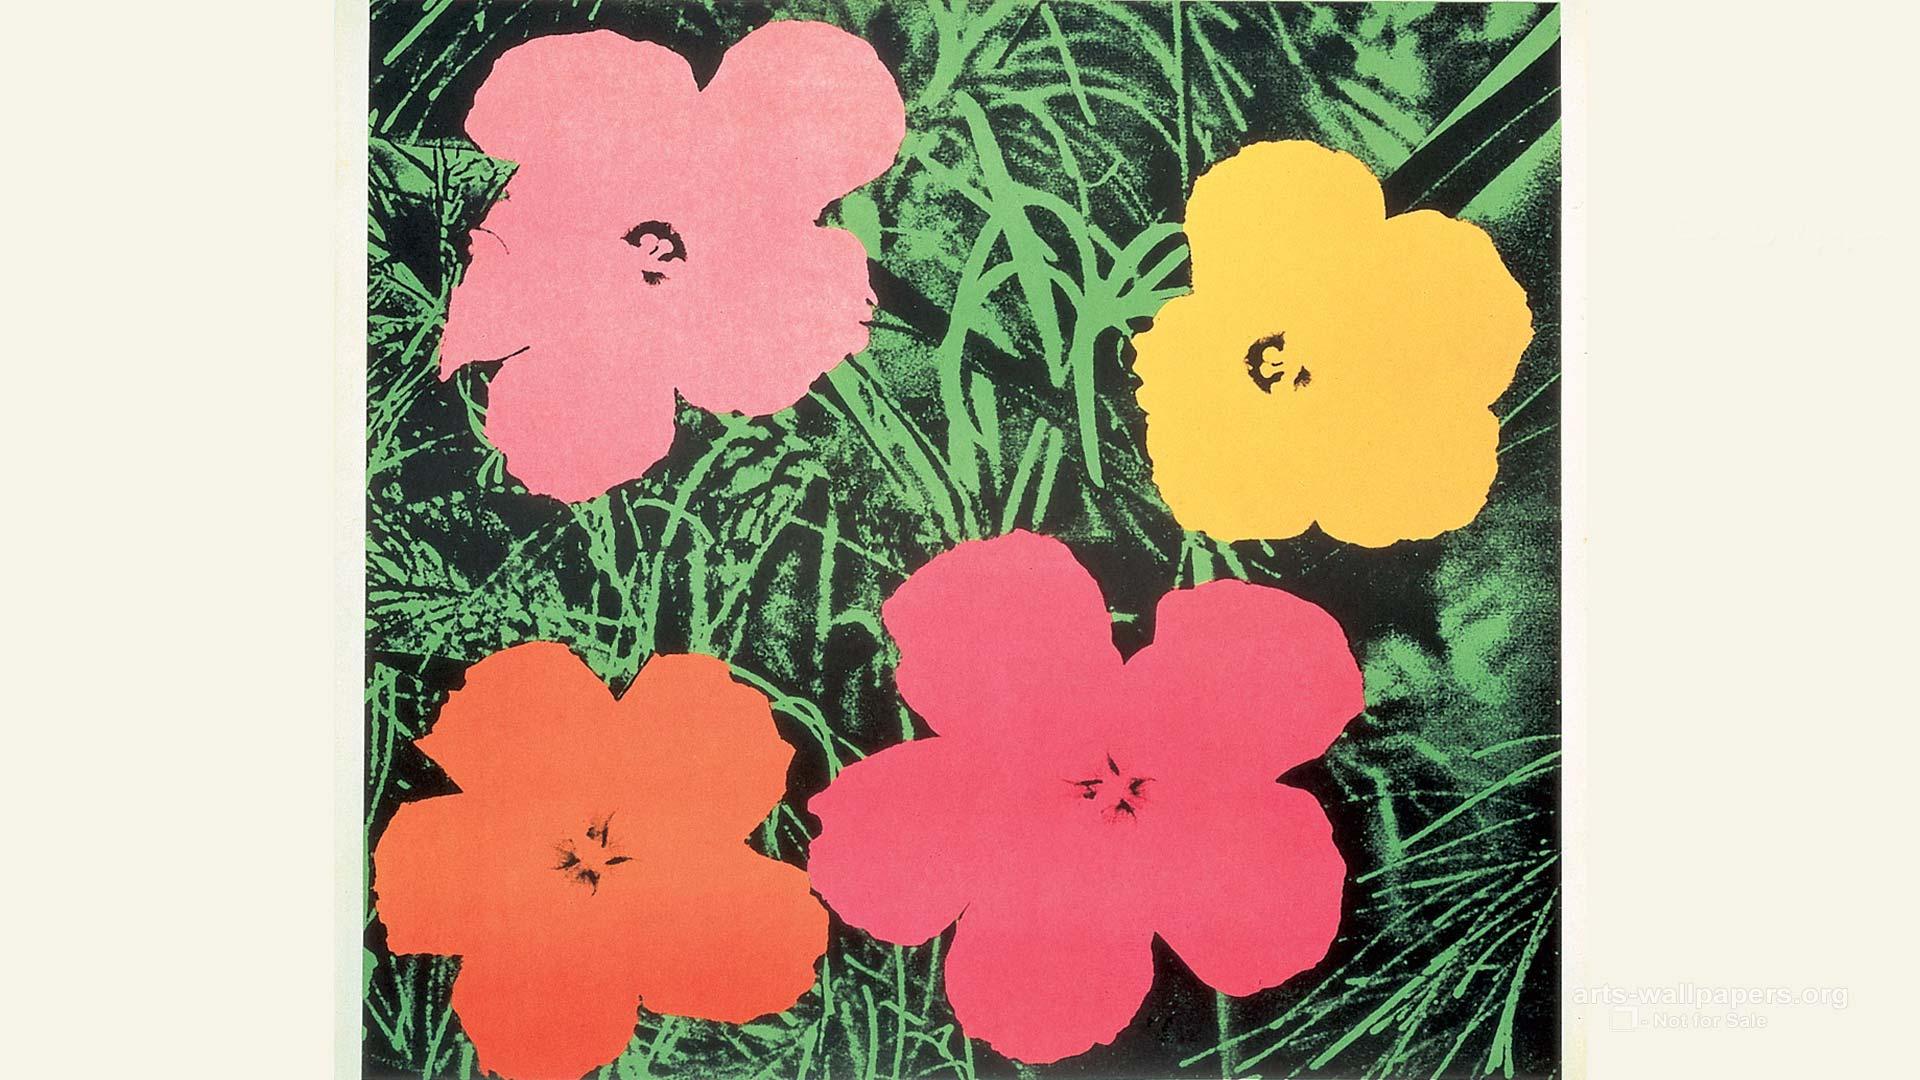 Andy Warhol Wallpaper Pop Art Desktop Art Backgrounds 1920x1080